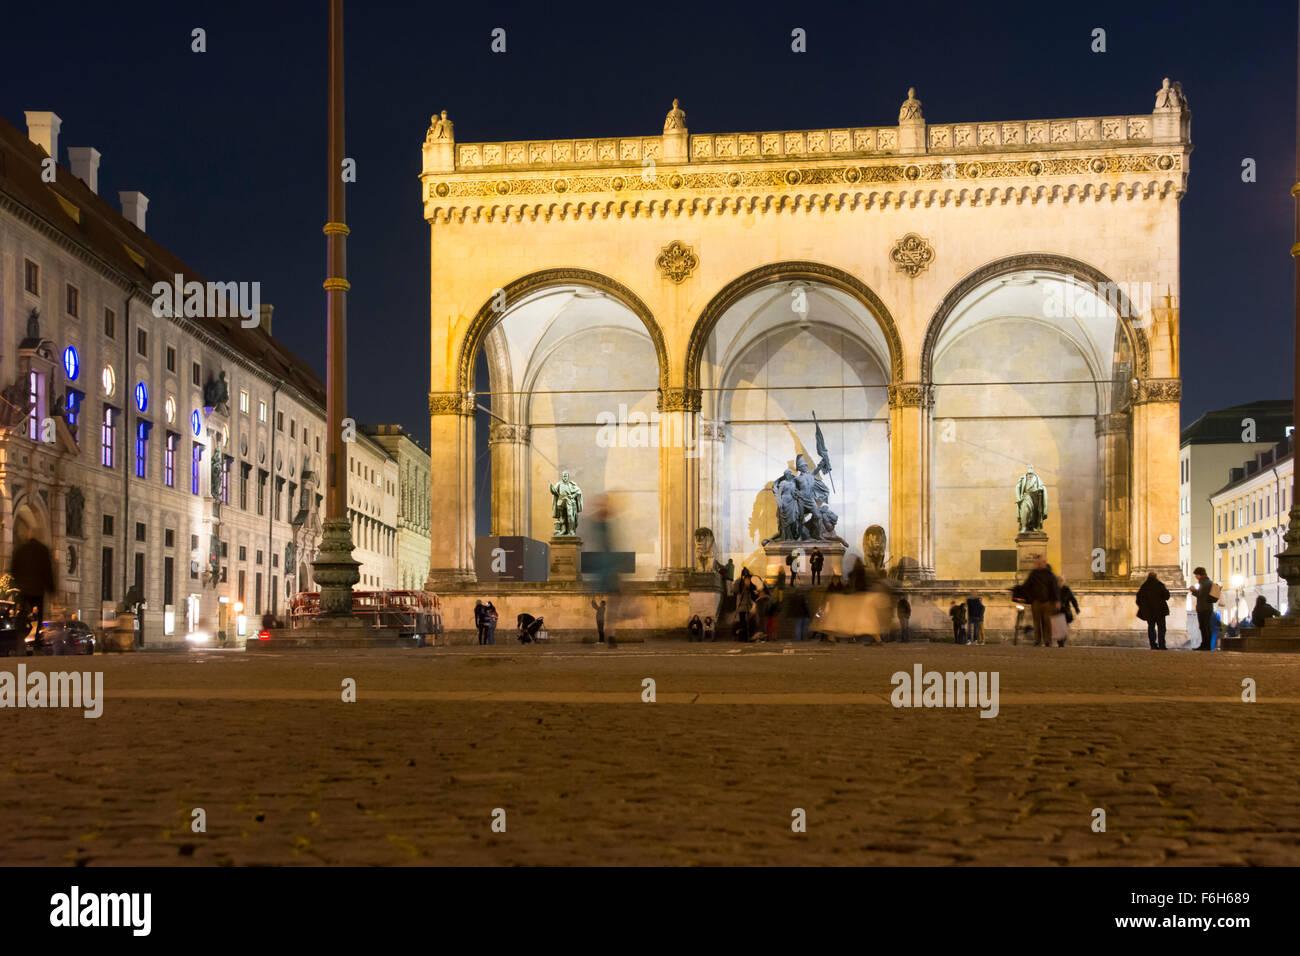 MUNICH, ALLEMAGNE - 26 OCTOBRE: les touristes à la Feldherrnhalle à Munich, Allemagne, le 26 octobre, Photo Stock